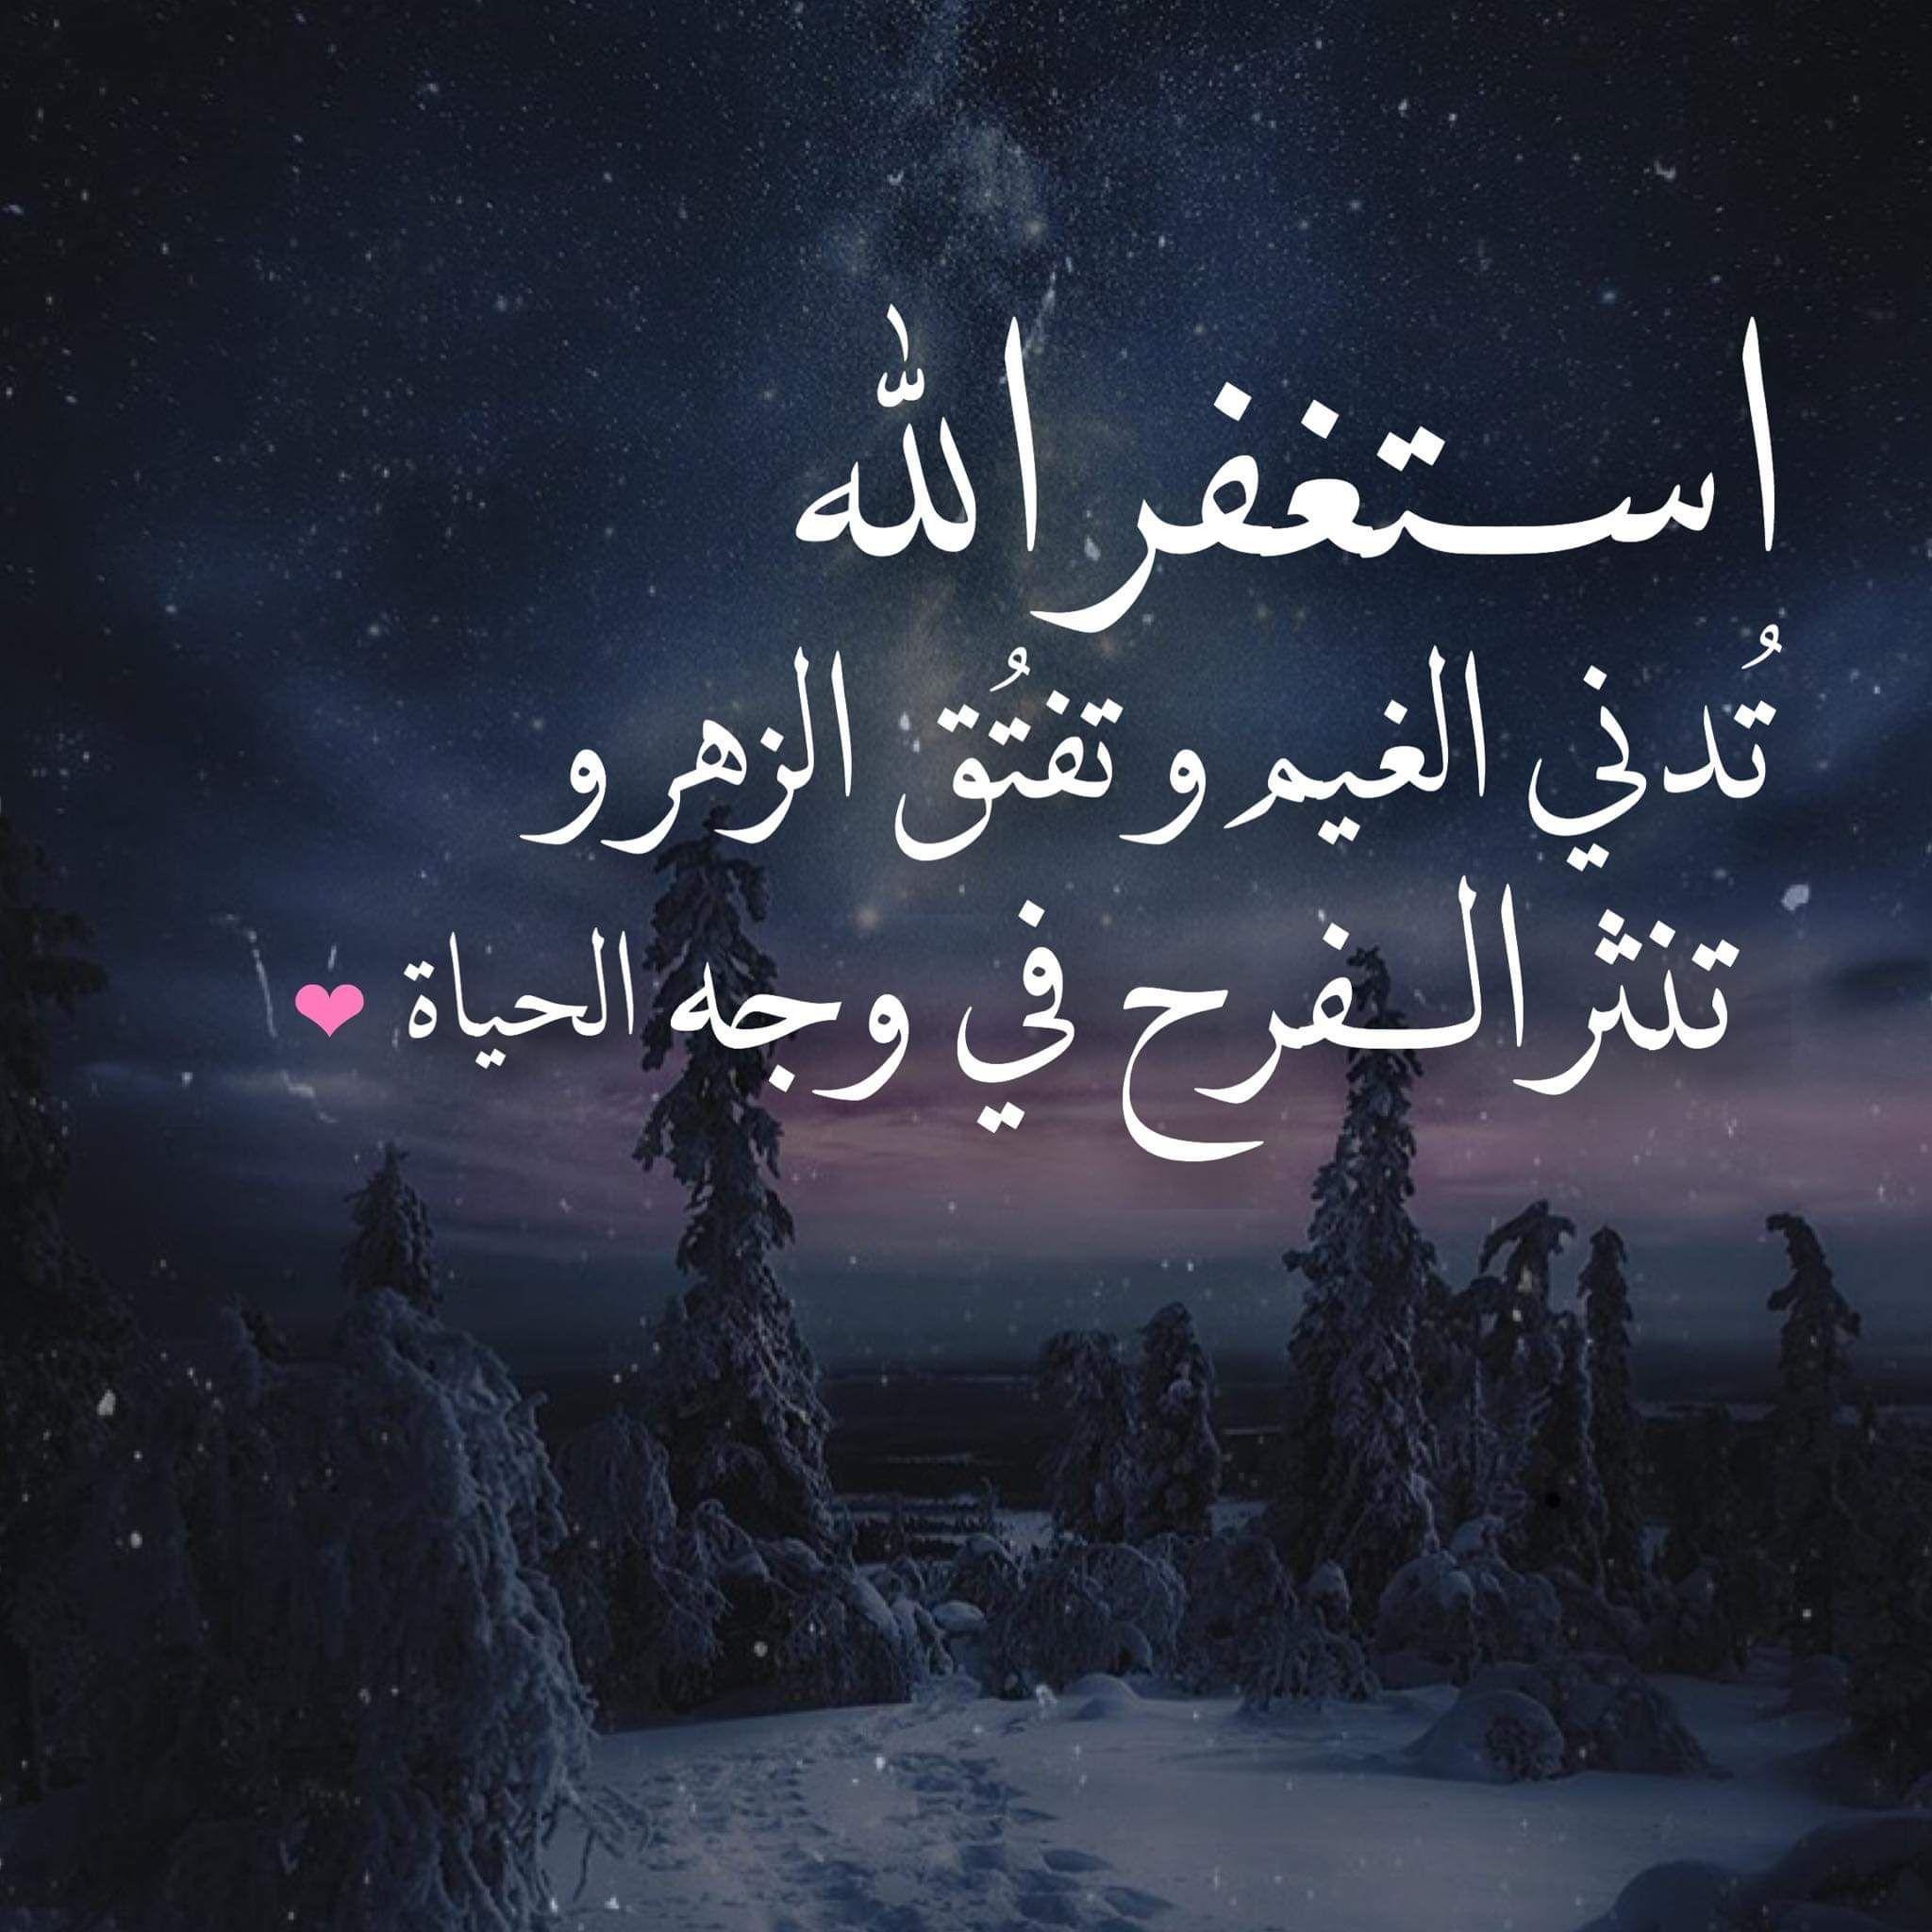 خواطر اسلامية تويتر Islam Photo Arabic Calligraphy